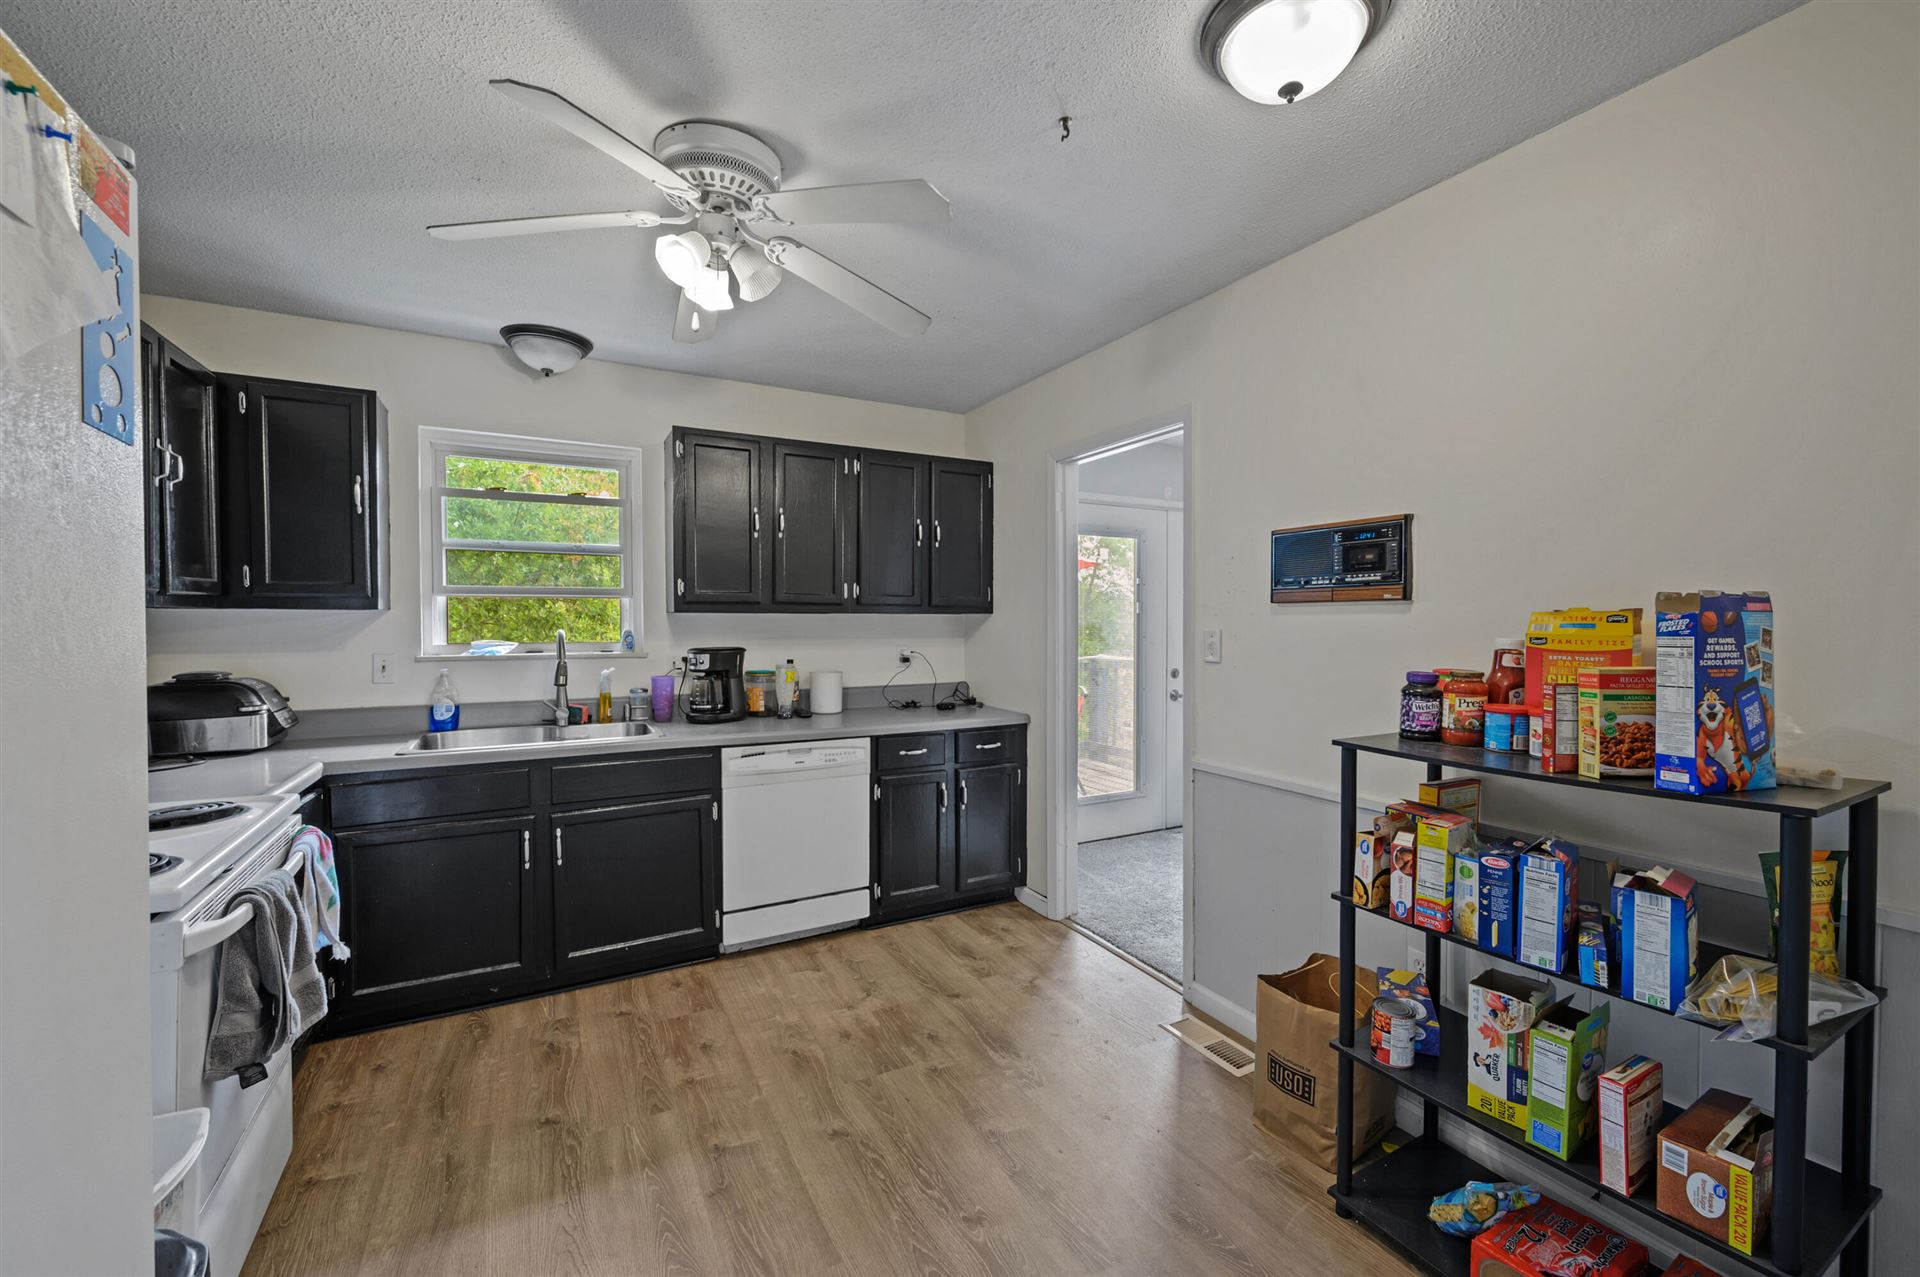 Photo of 8016 Little Joe Road, Powell, TN 37849 (MLS # 1169433)